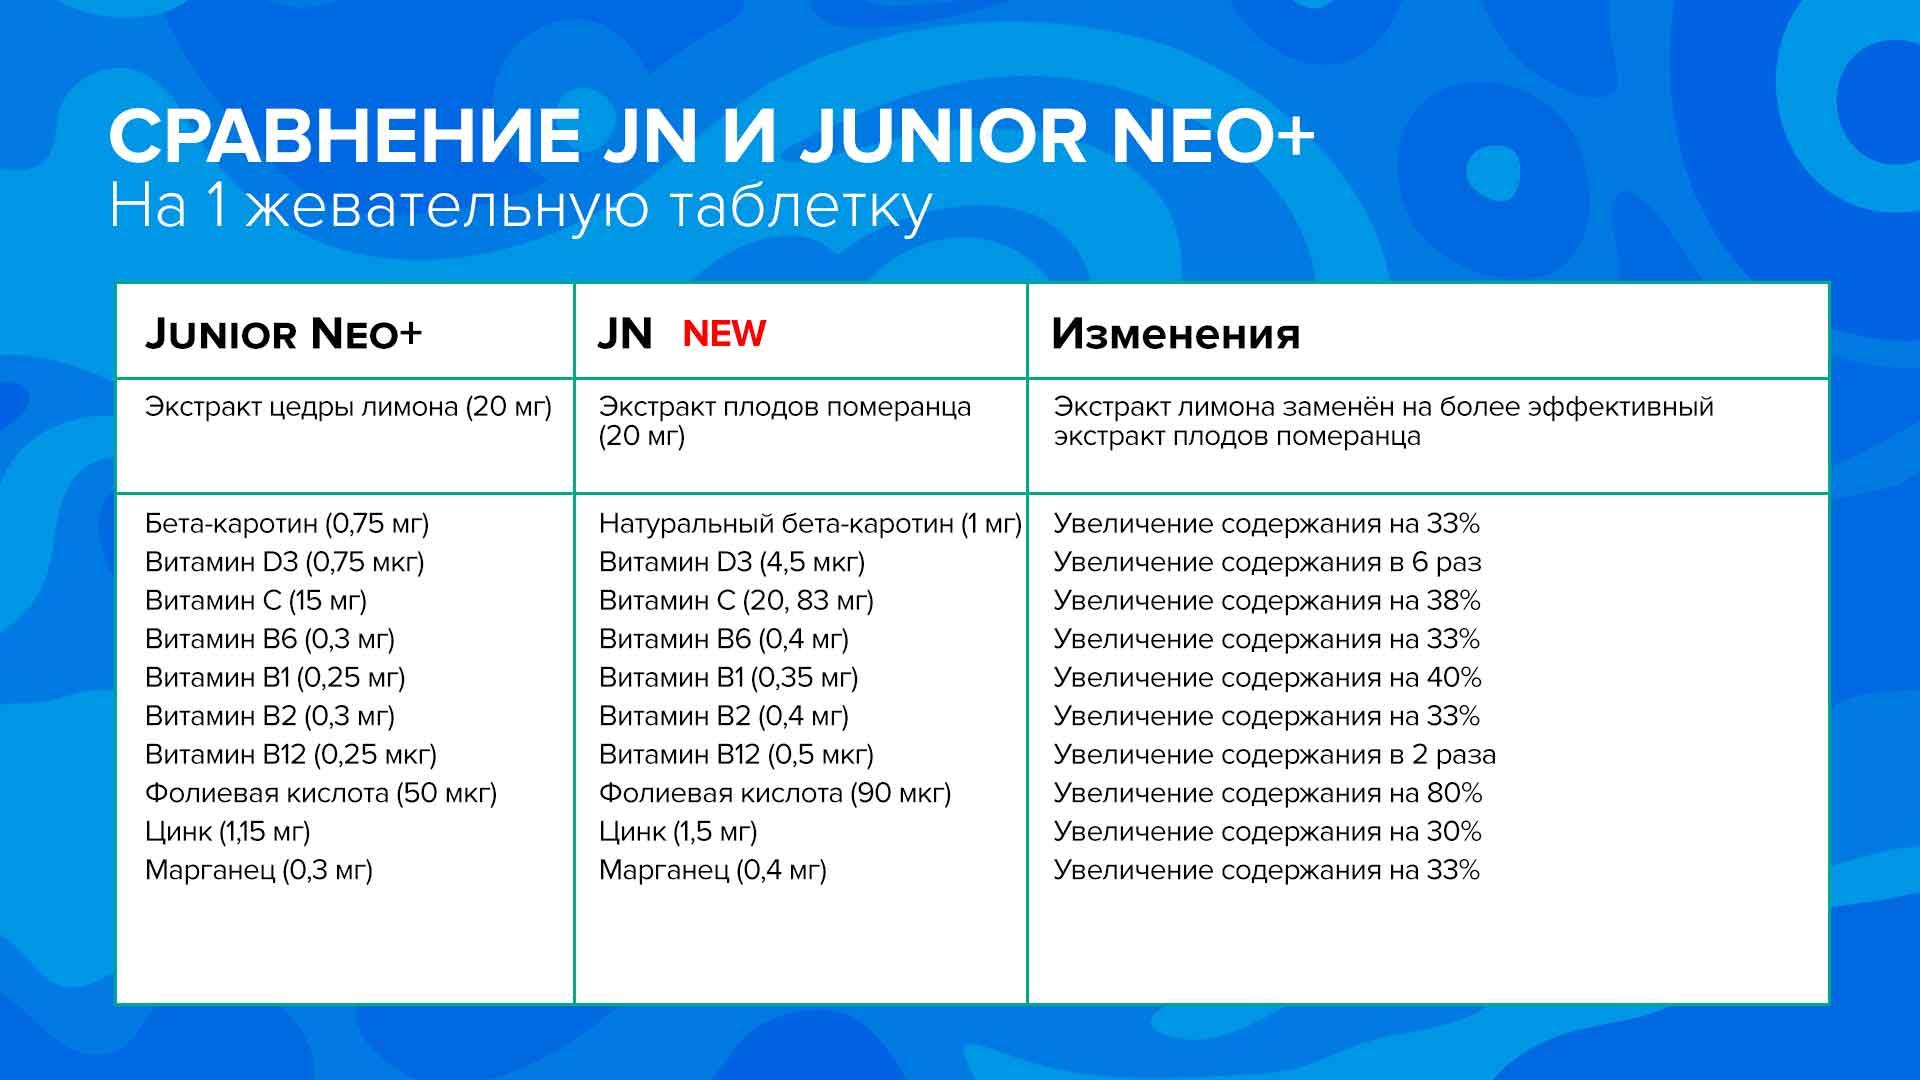 Сравнение Юниор Нео и JN